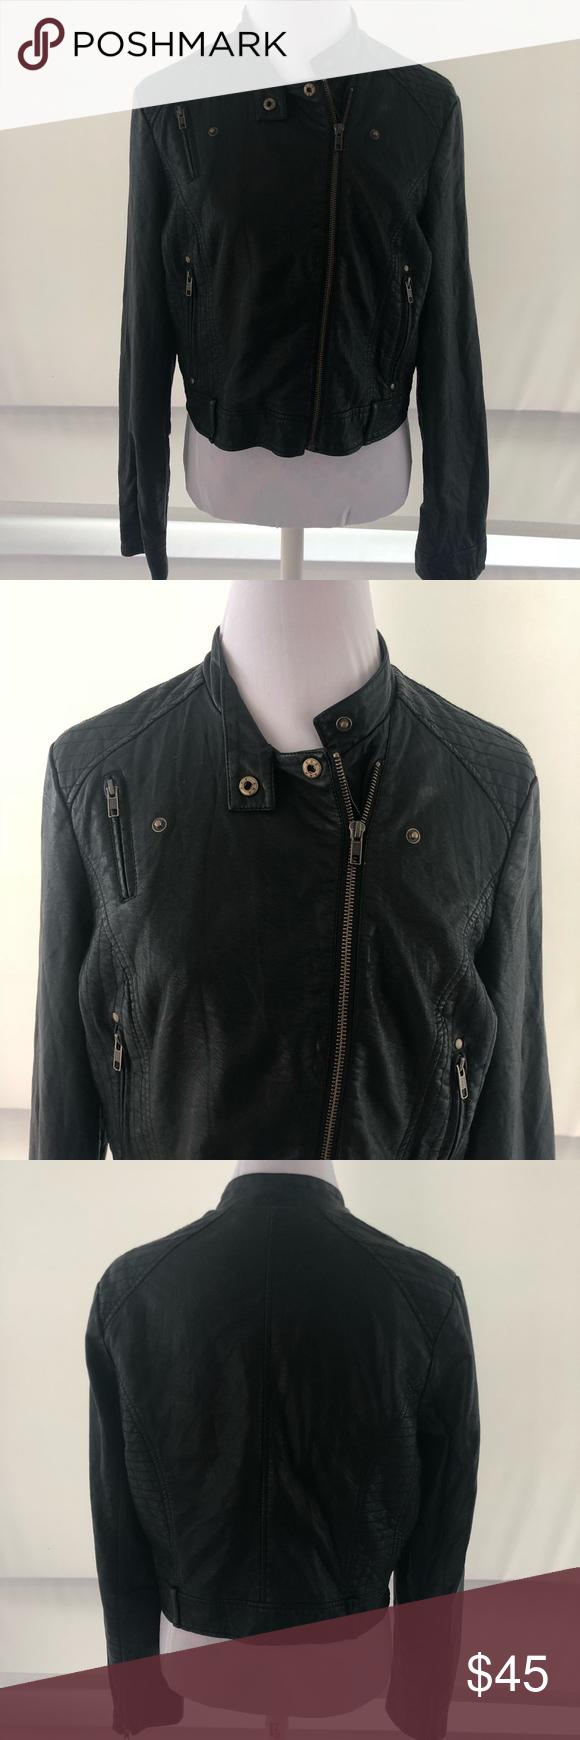 Large Lauren Conrad Black Faux Leather Crop Jacket